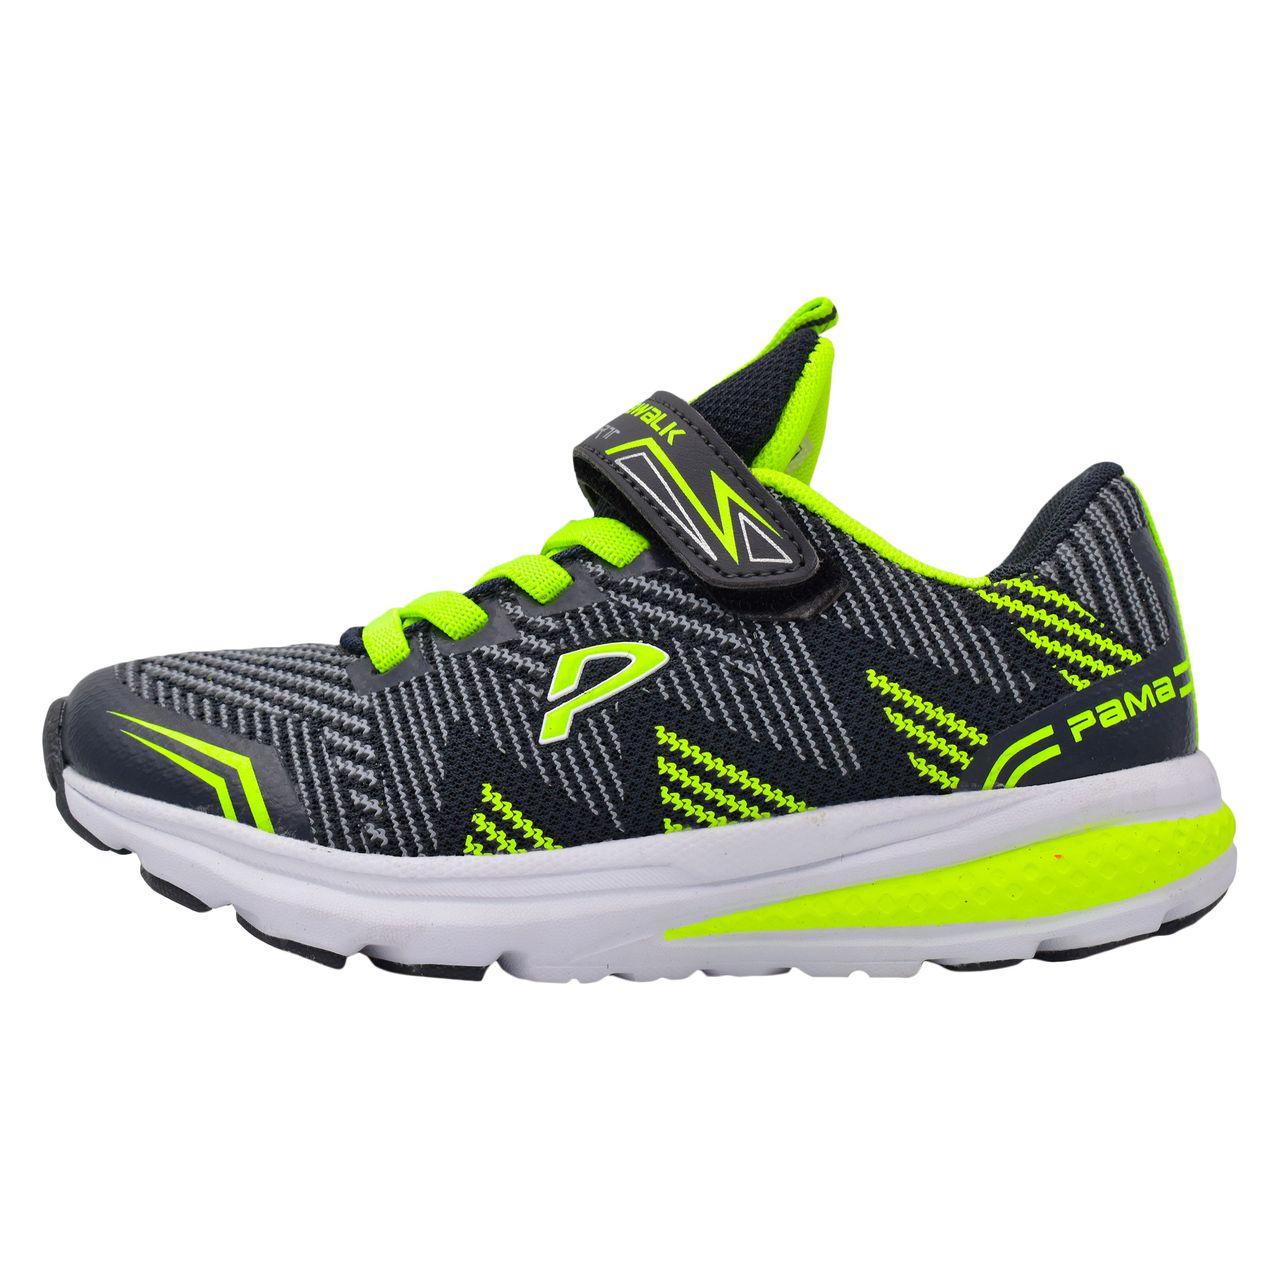 کفش مخصوص پیاده روی پسرانه پاما مدل Sacomi-109 کد G1454